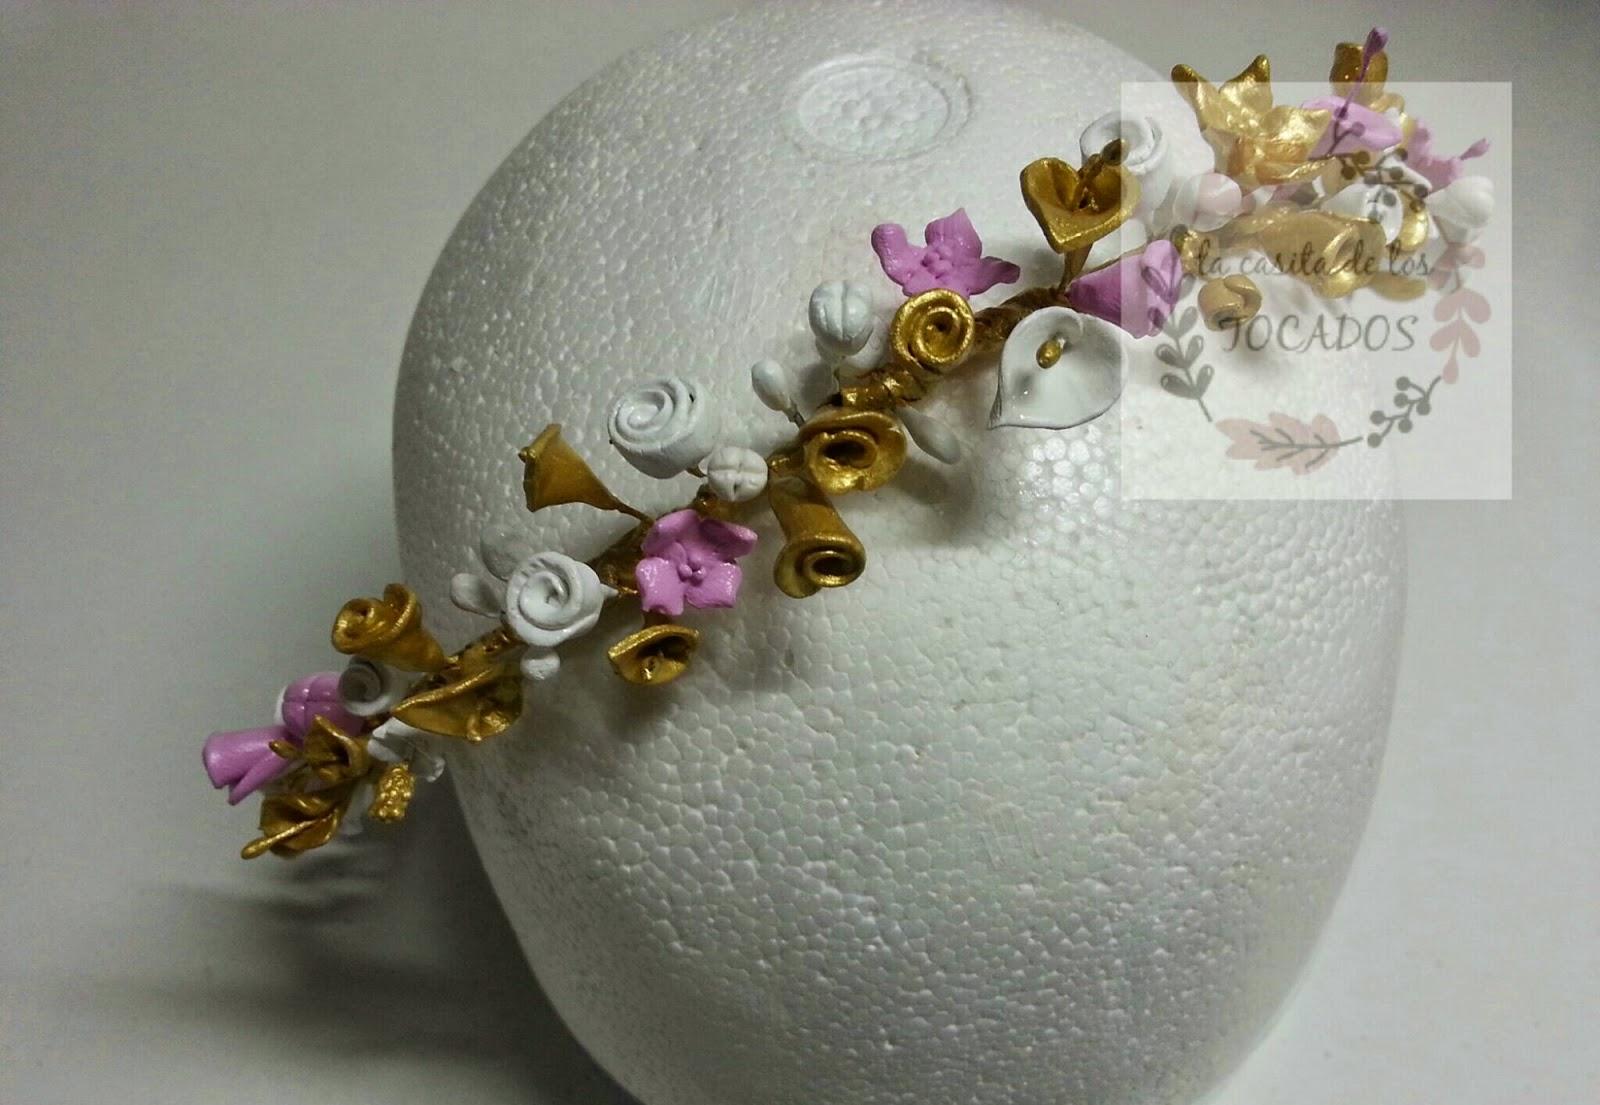 corona de flores de porcelana artesanal pintada en dorado, blanco y rosa